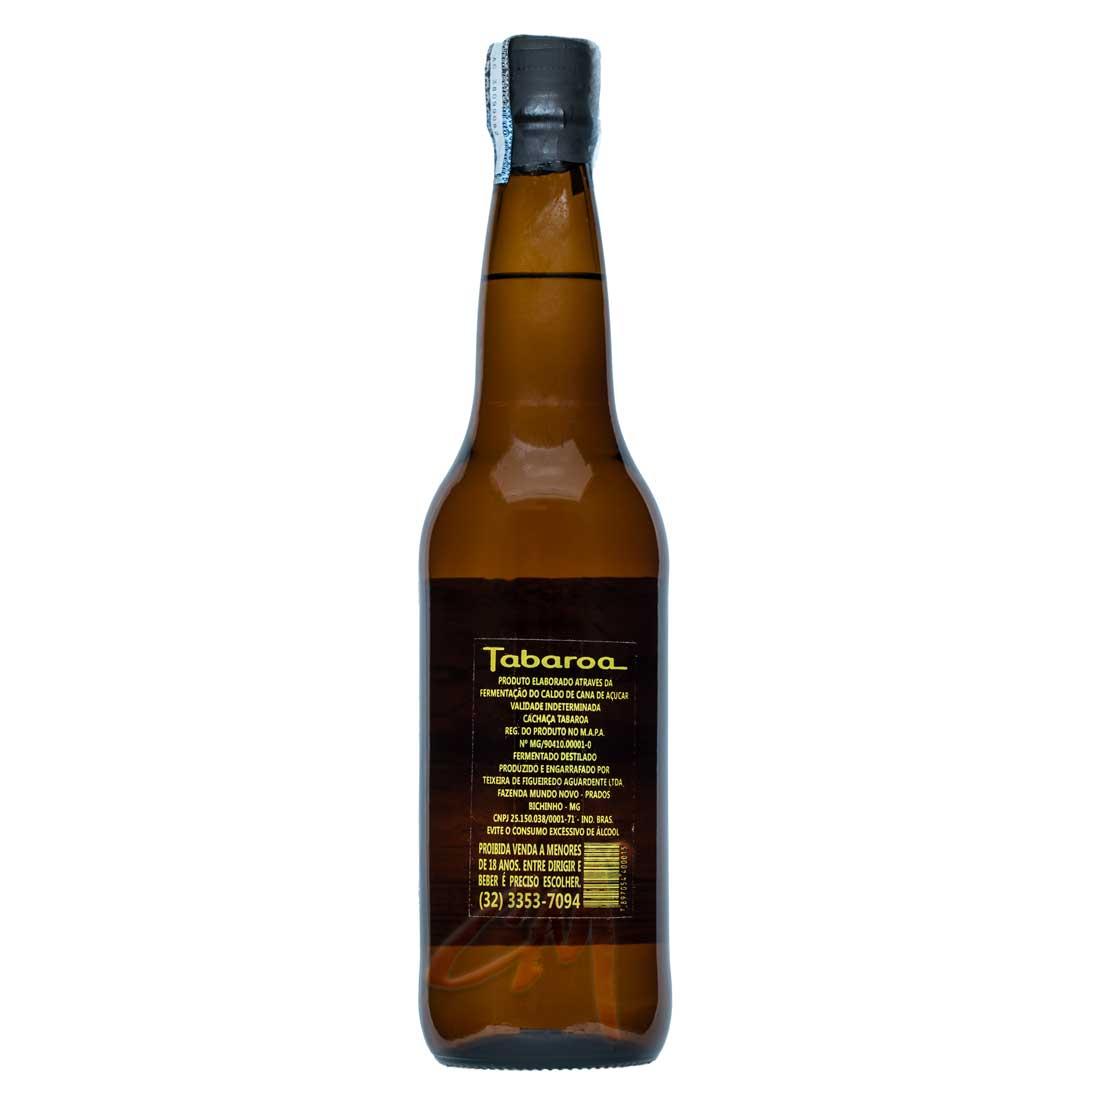 Cachaça Tabaroa 600 ml (Prados - MG)